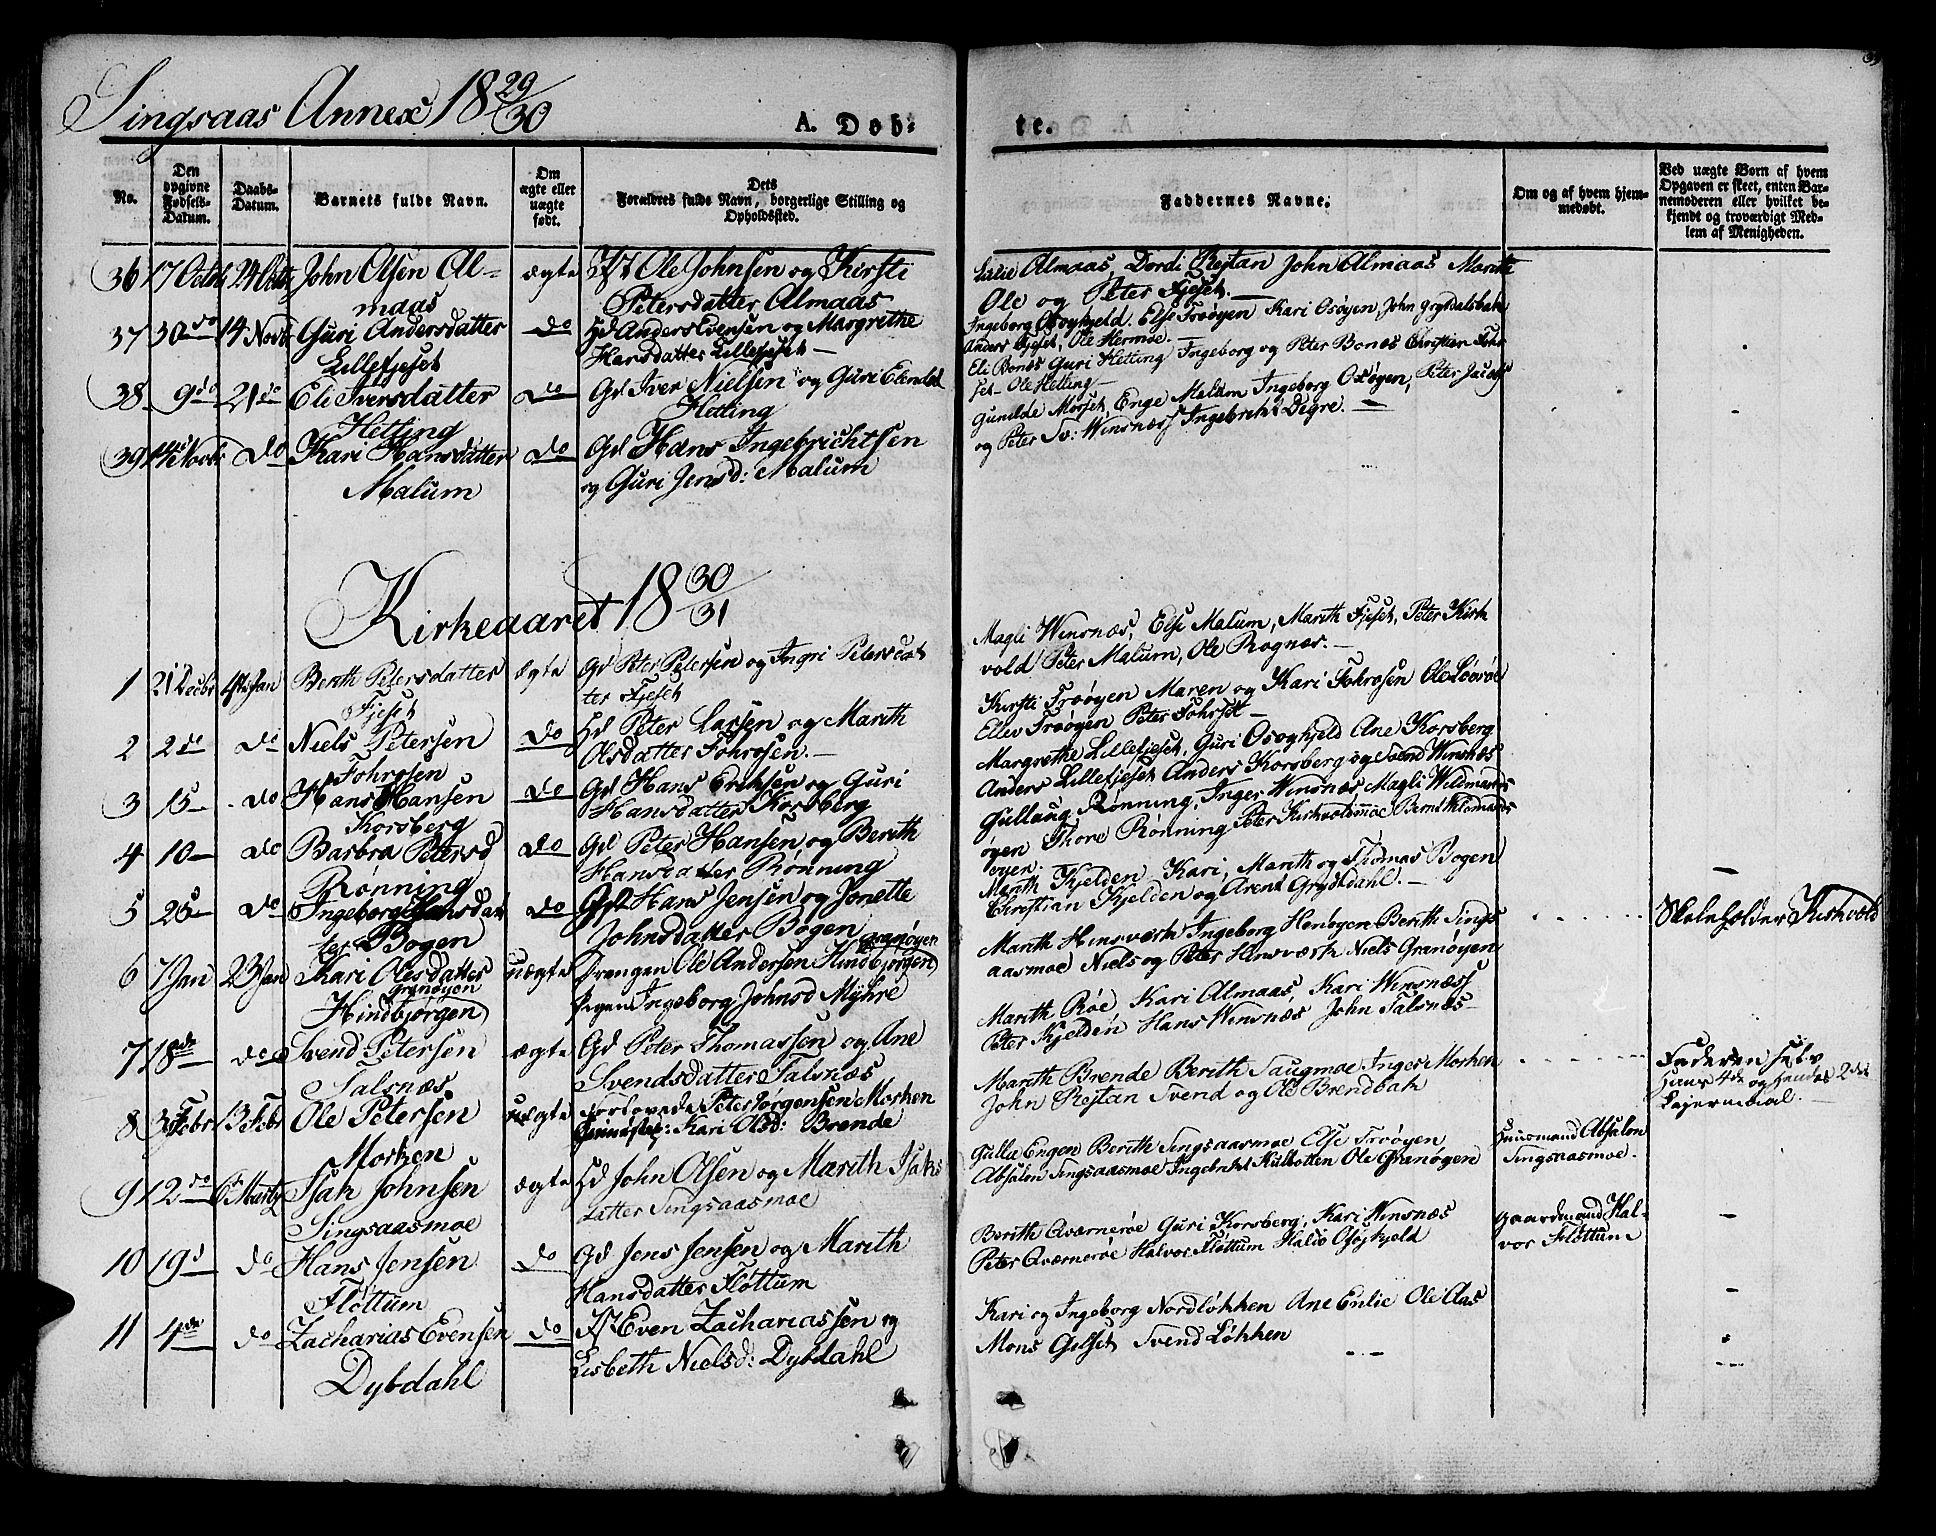 SAT, Ministerialprotokoller, klokkerbøker og fødselsregistre - Sør-Trøndelag, 685/L0958: Ministerialbok nr. 685A04 /2, 1829-1845, s. 33